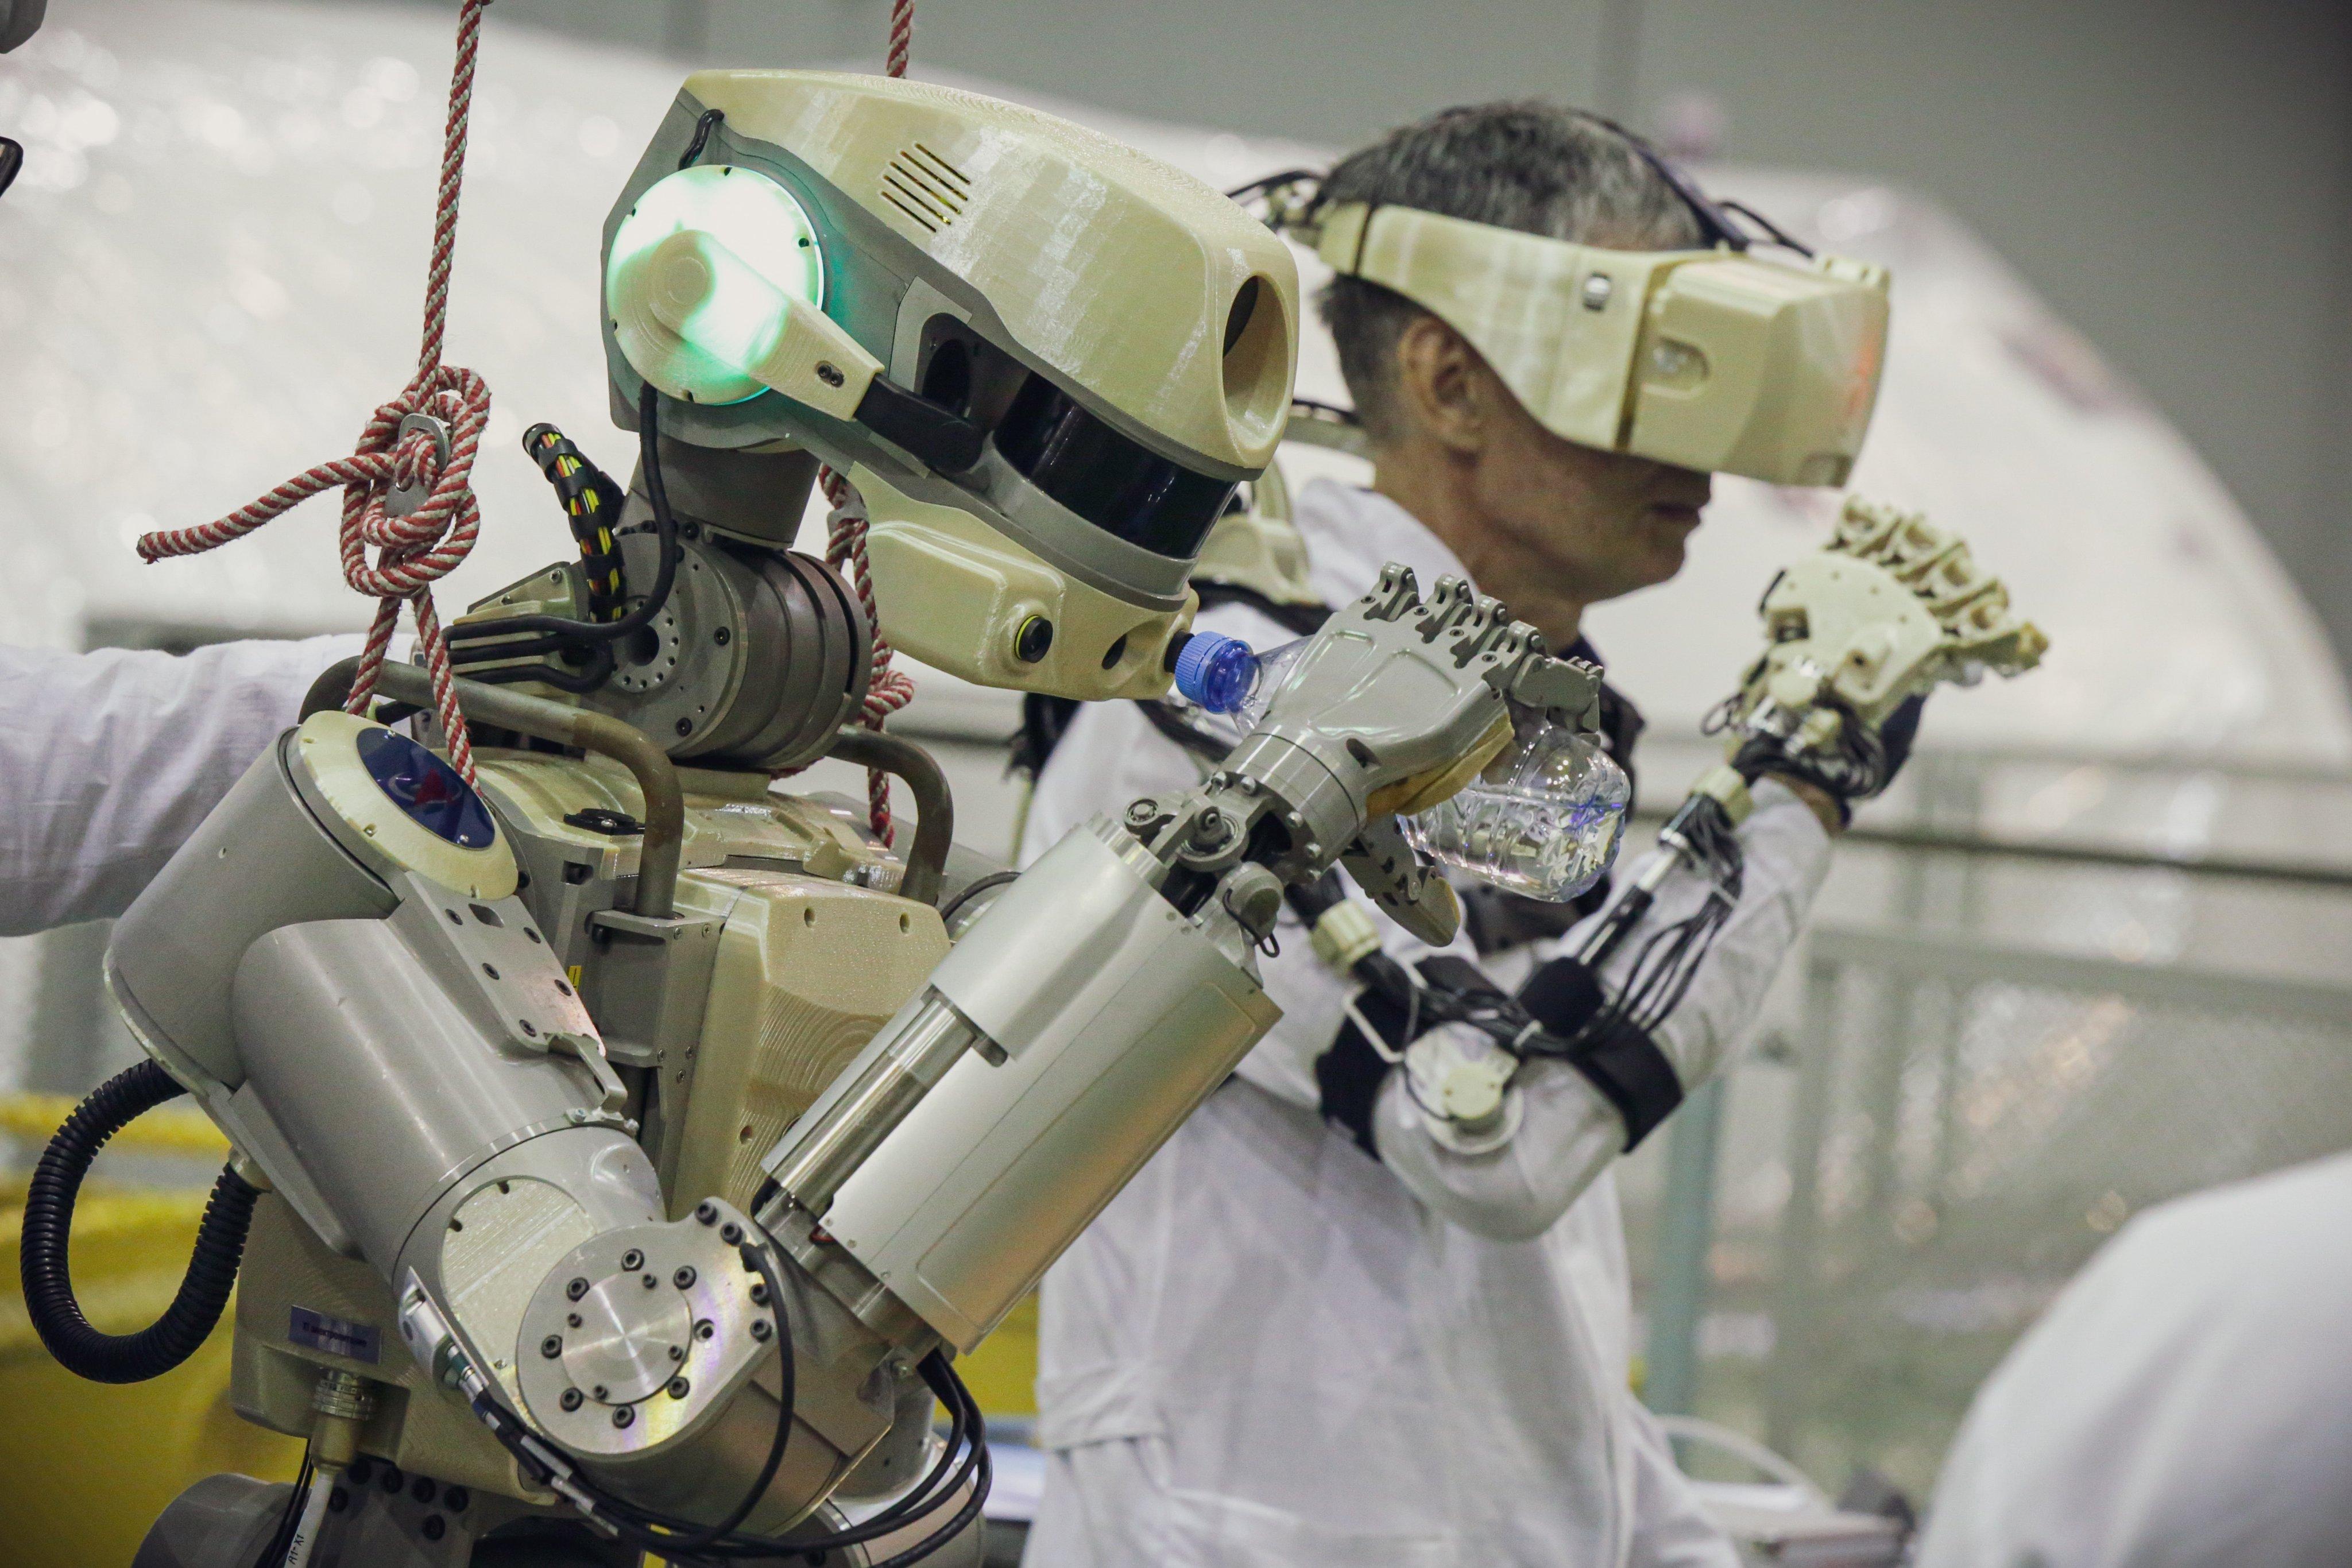 El-primer-androide-cosmonauta-ruso.jpg